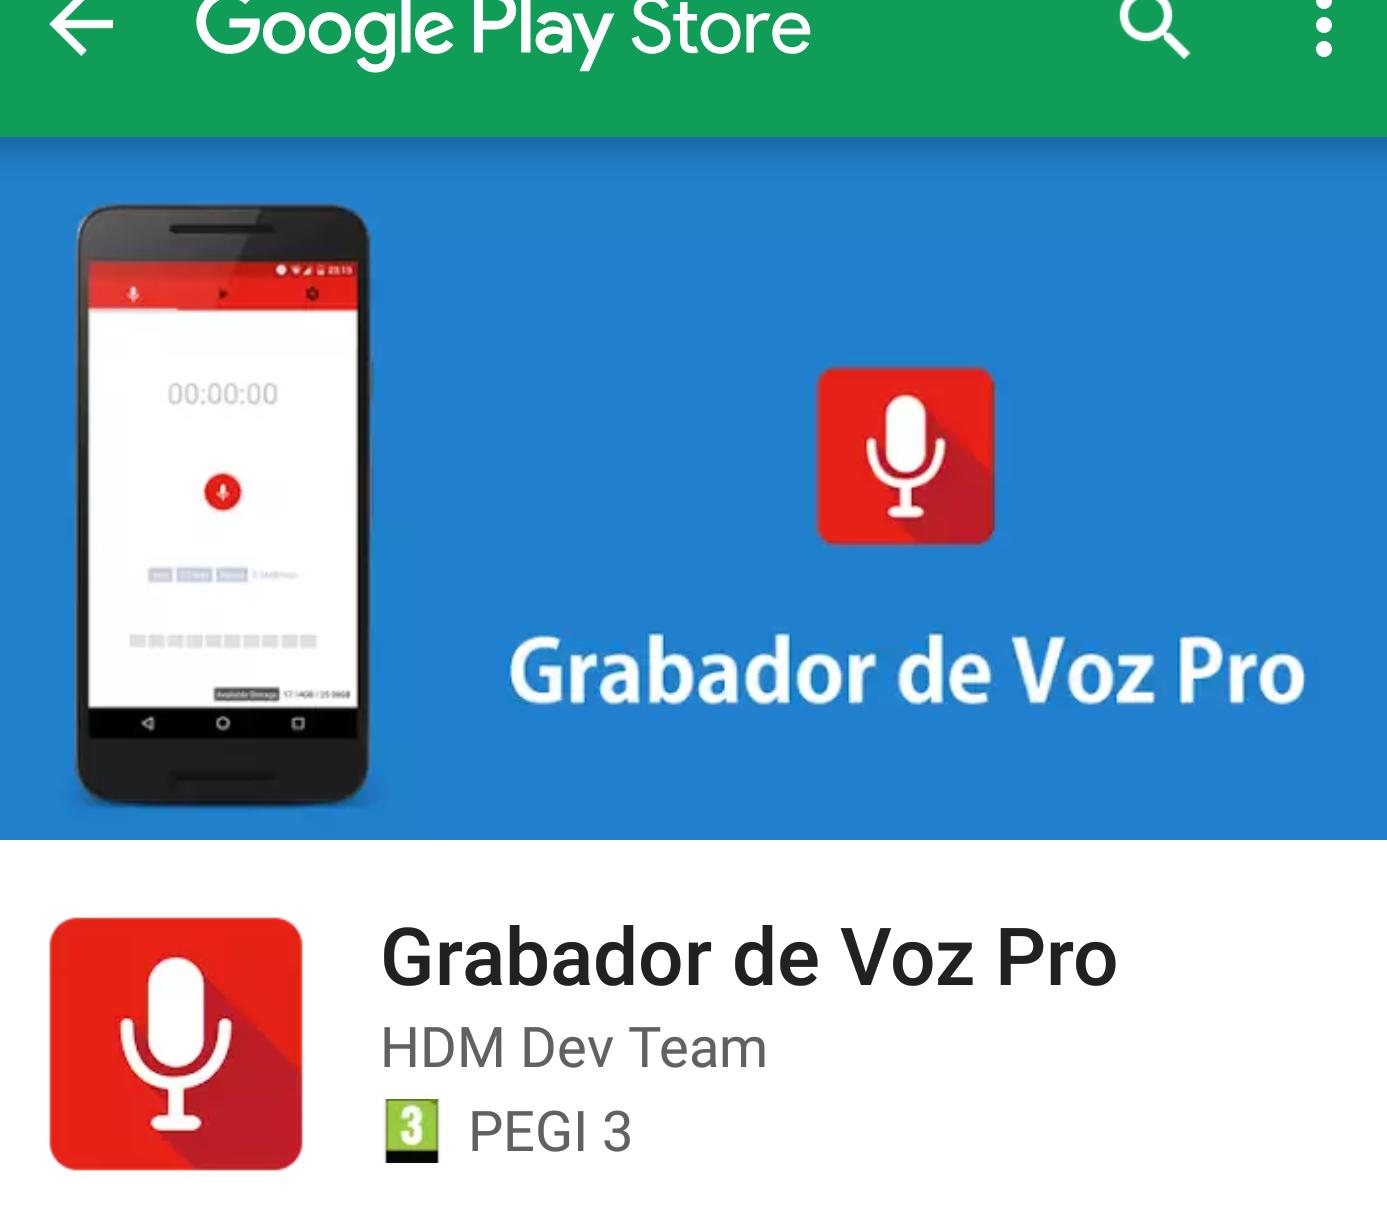 Android: Grabador de voz pro GRATIS (2,99€ precio habitual).